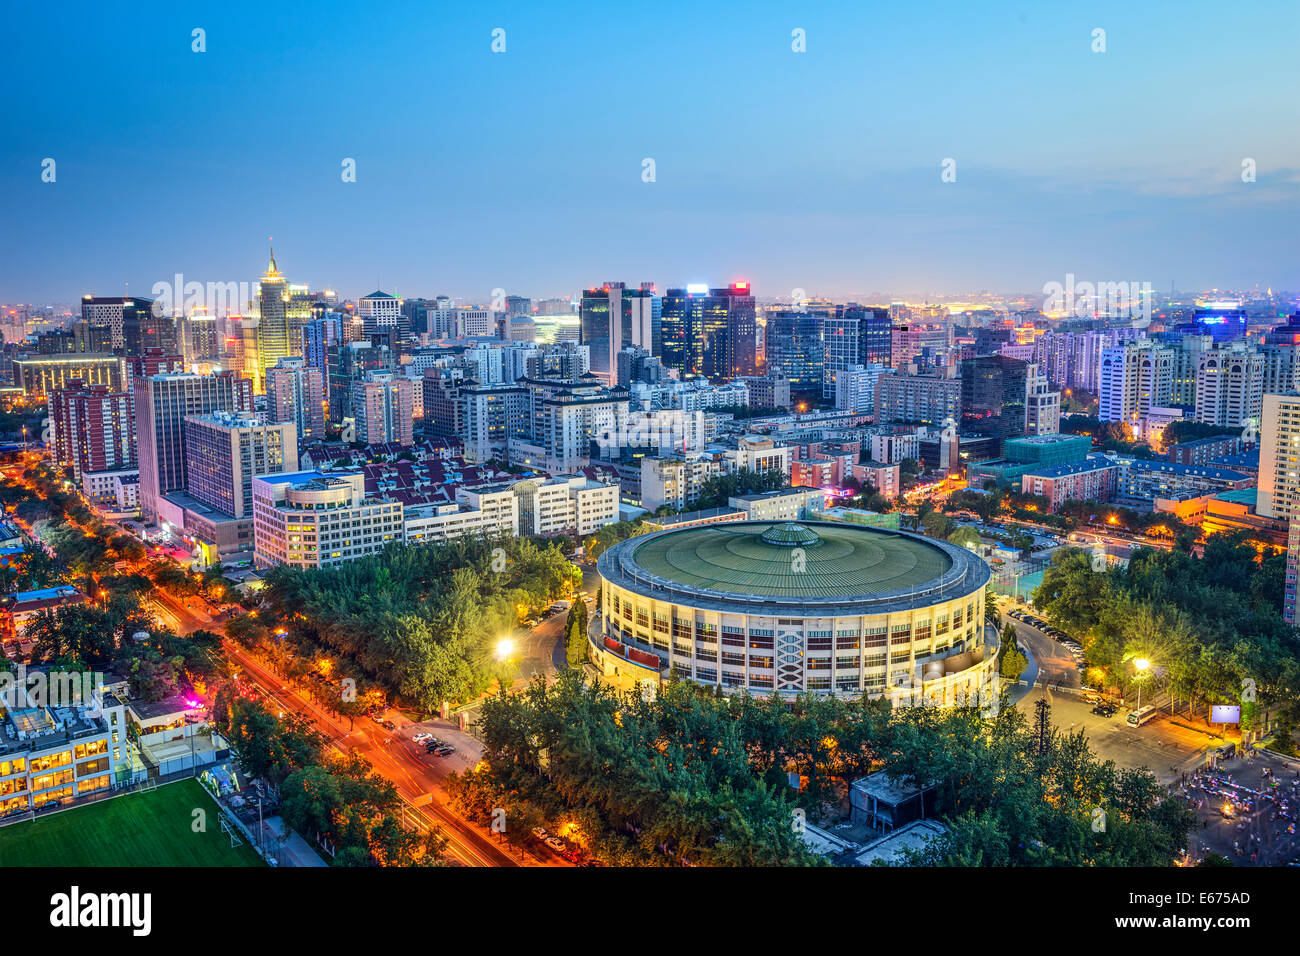 Pechino, Cina cityscape rispetto ai lavoratori Indoor Arena nel Distretto di Chaoyang. Immagini Stock